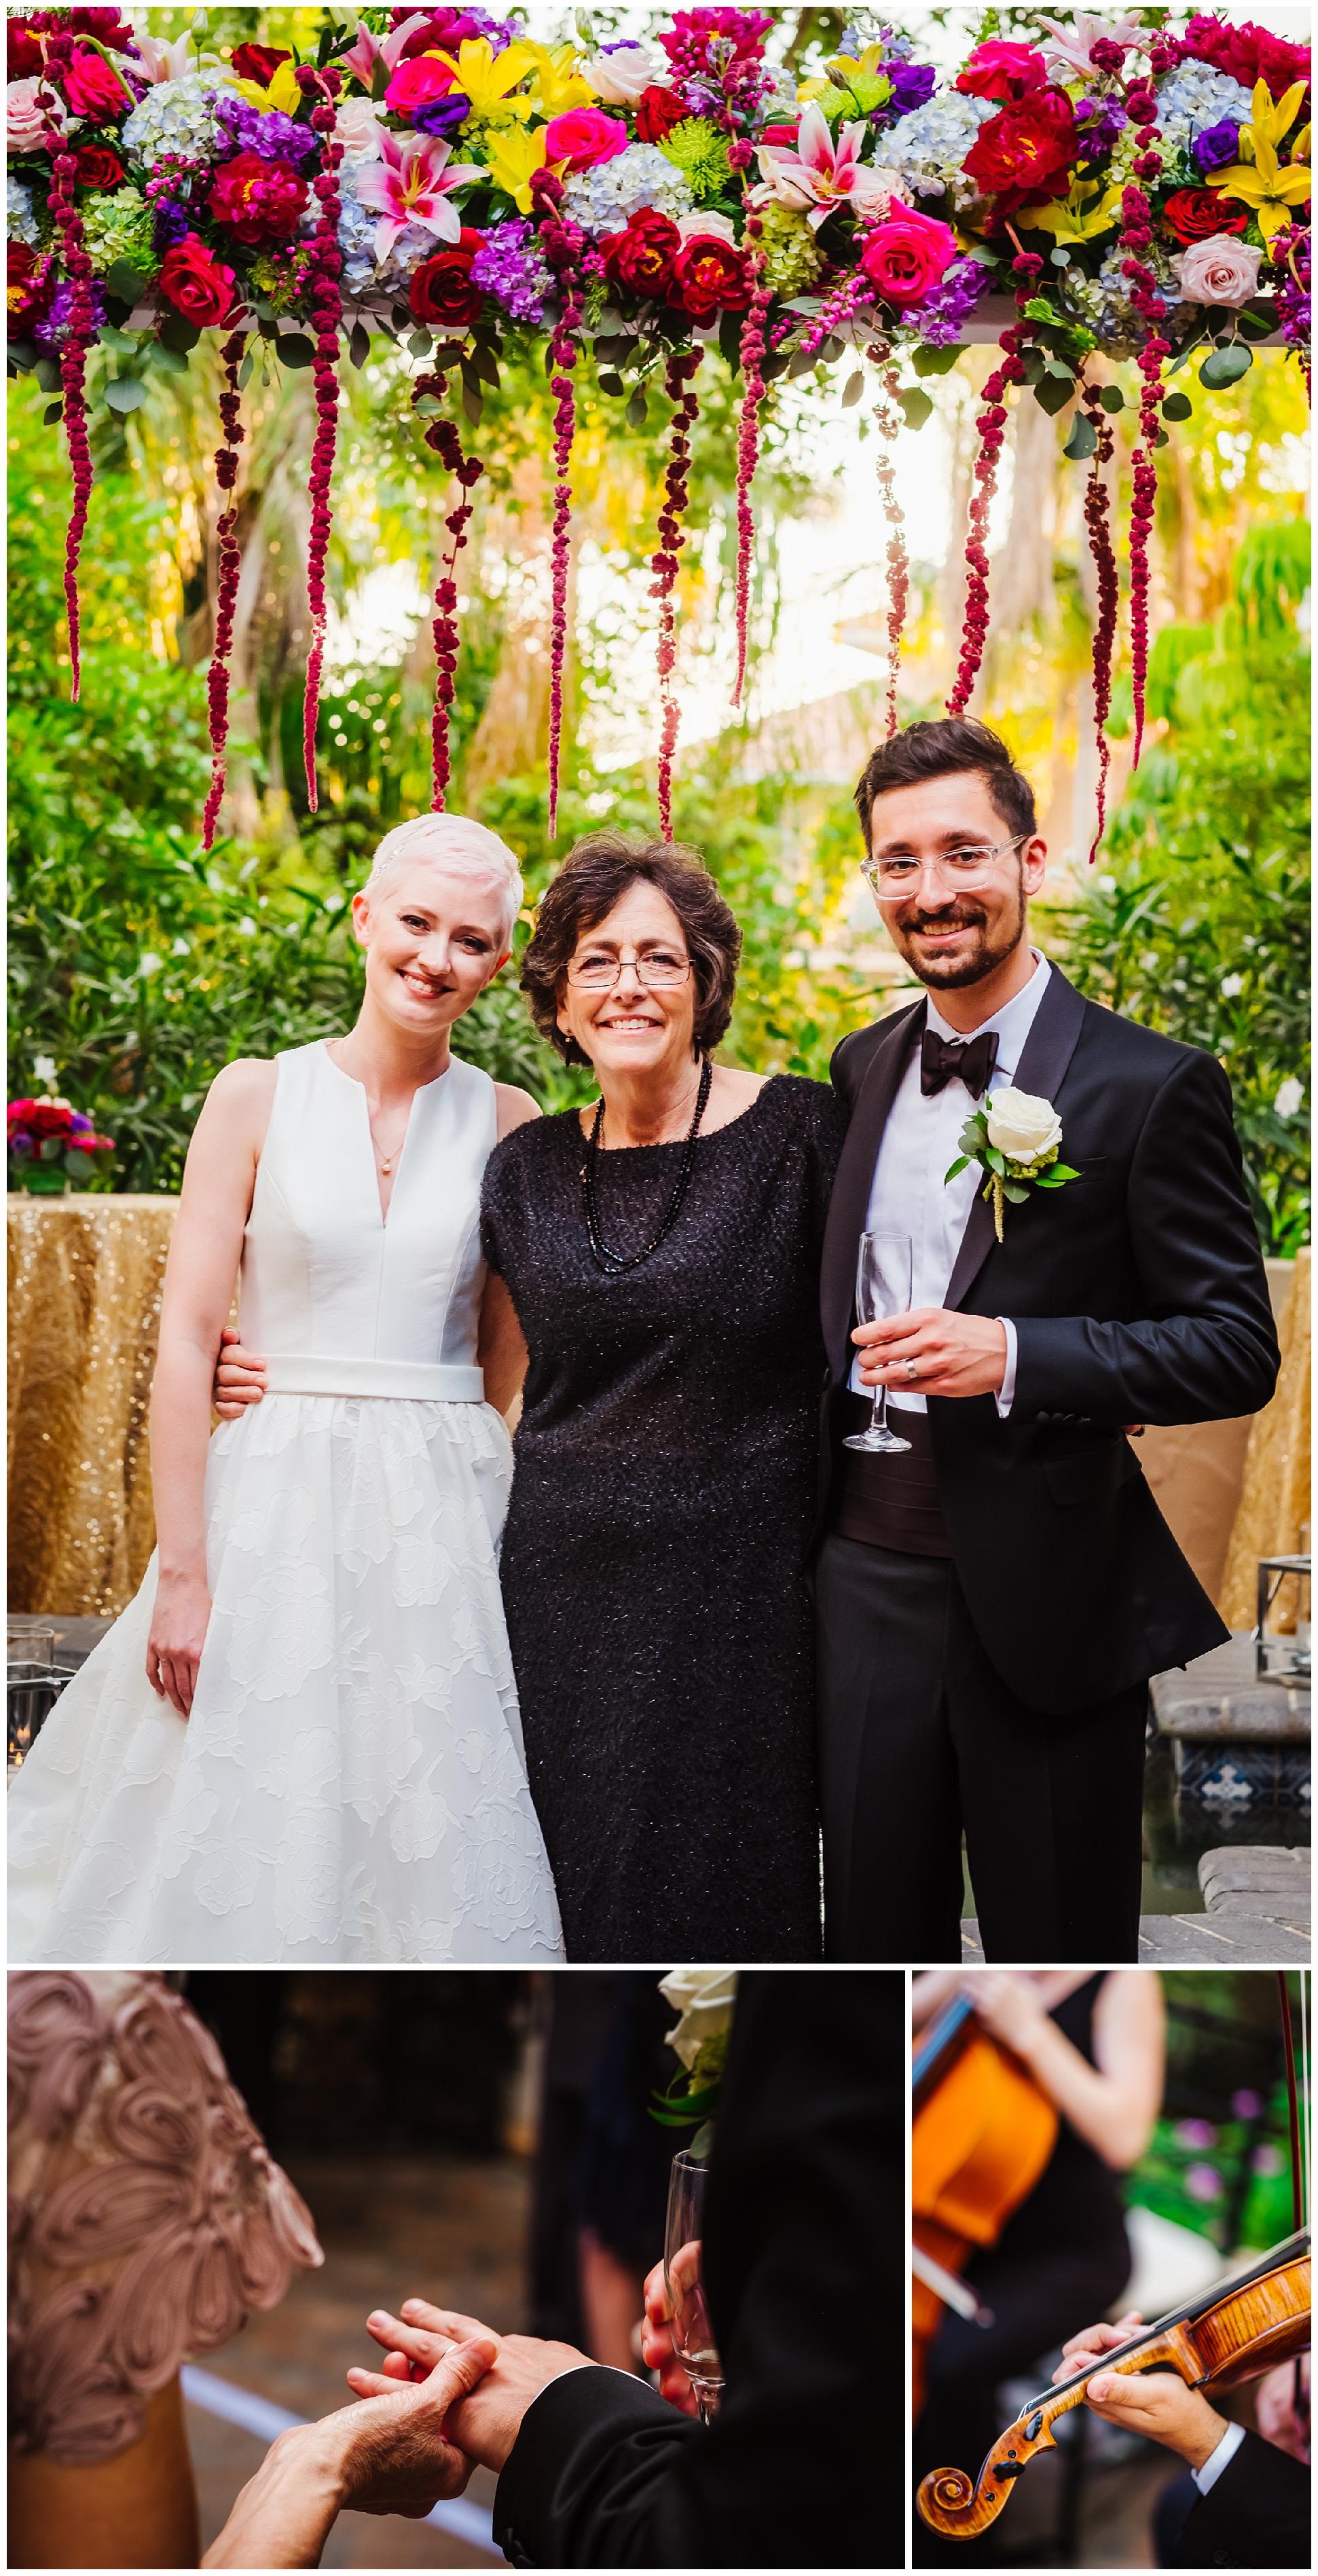 tierra-verde-st-pete-florida-home-luxury-wedding-greenery-pink-pixie-bride_0065.jpg